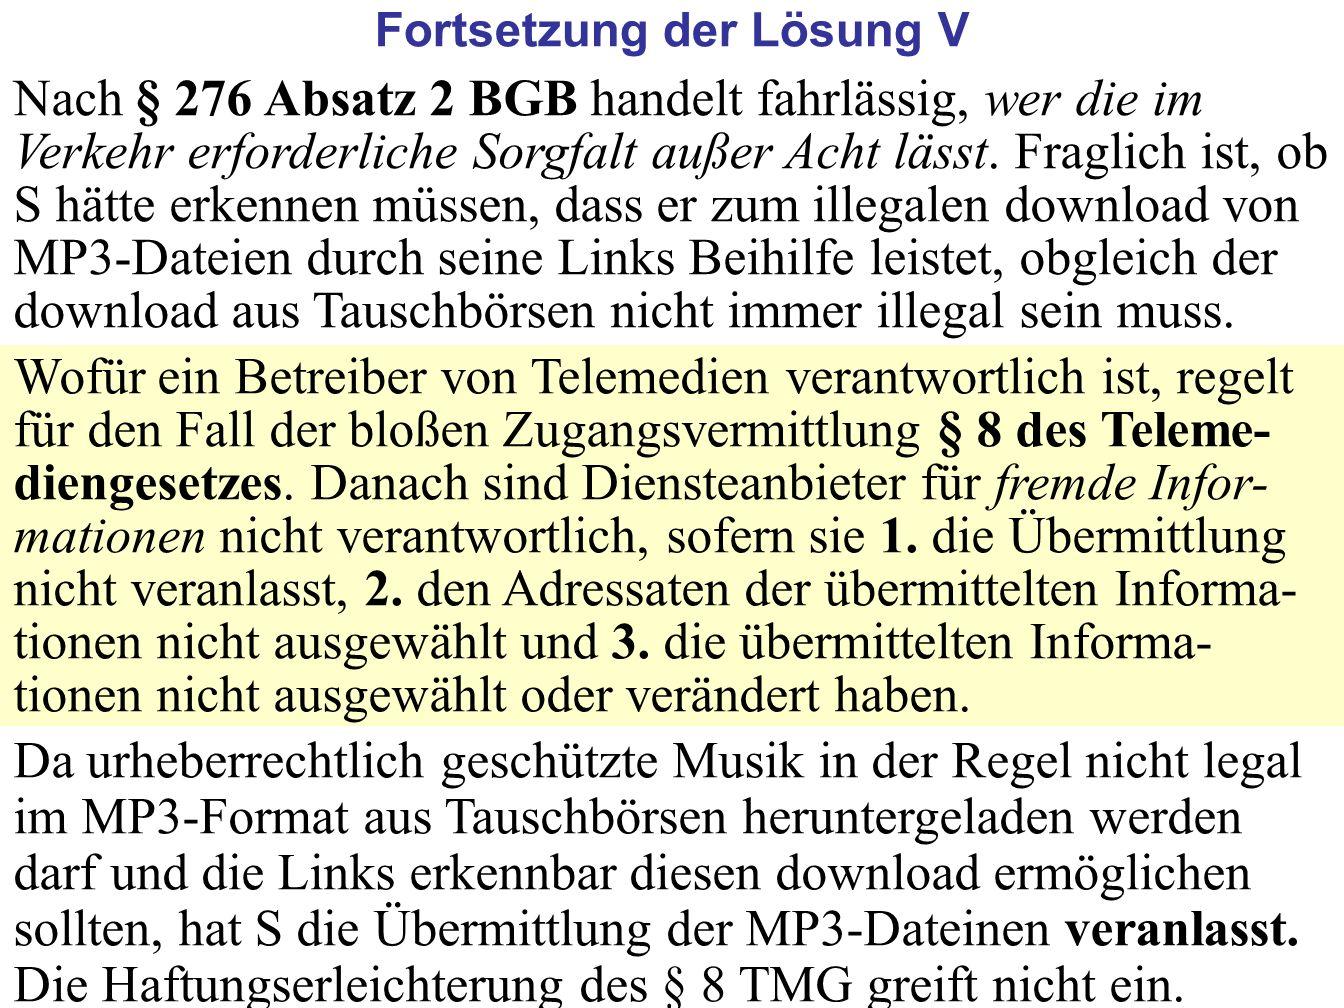 45 Nach § 276 Absatz 2 BGB handelt fahrlässig, wer die im Verkehr erforderliche Sorgfalt außer Acht lässt.